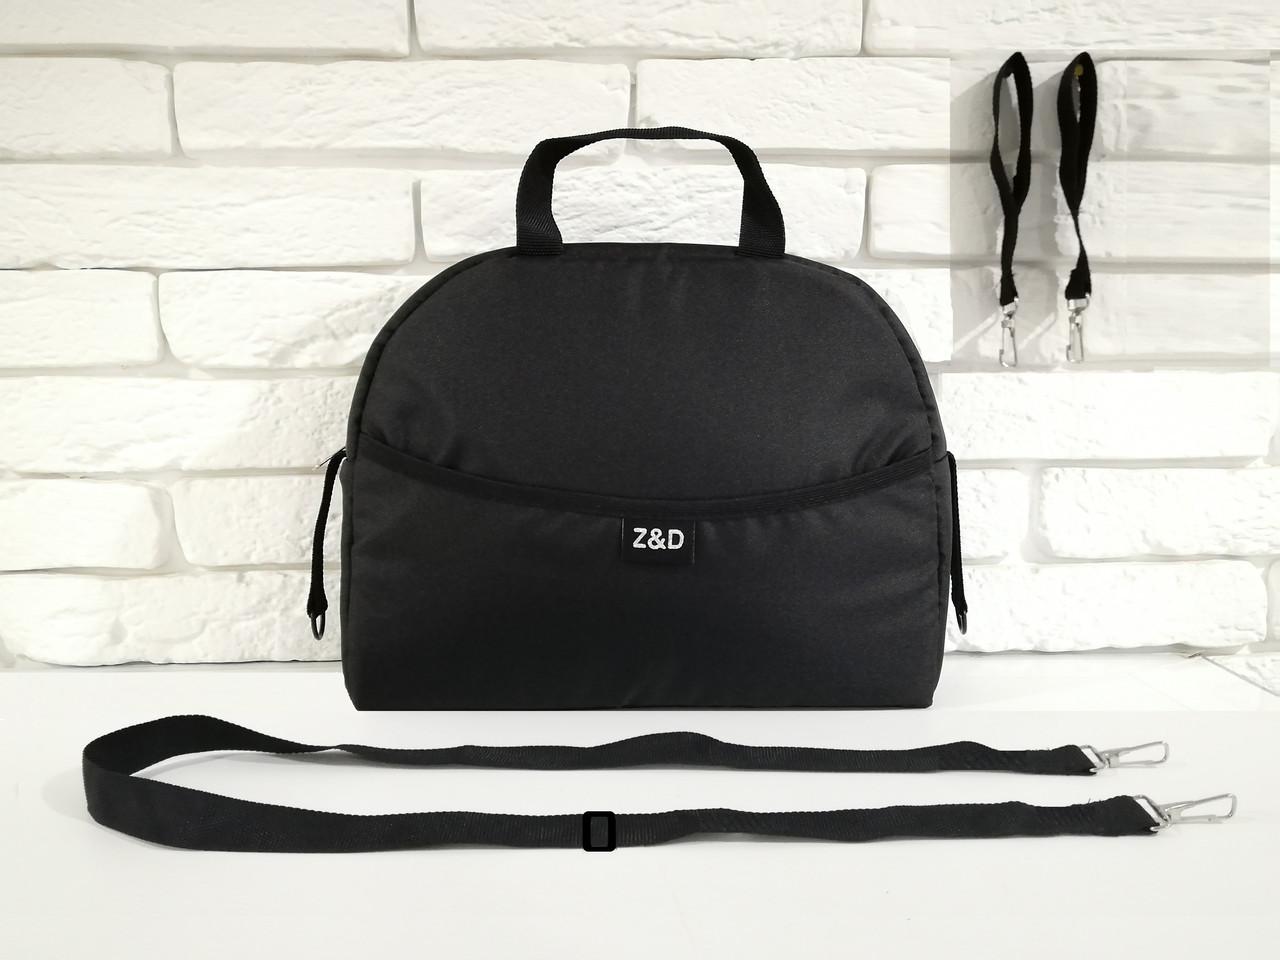 Сумка на коляску универсальная Z&D New с ручкой (Черный)